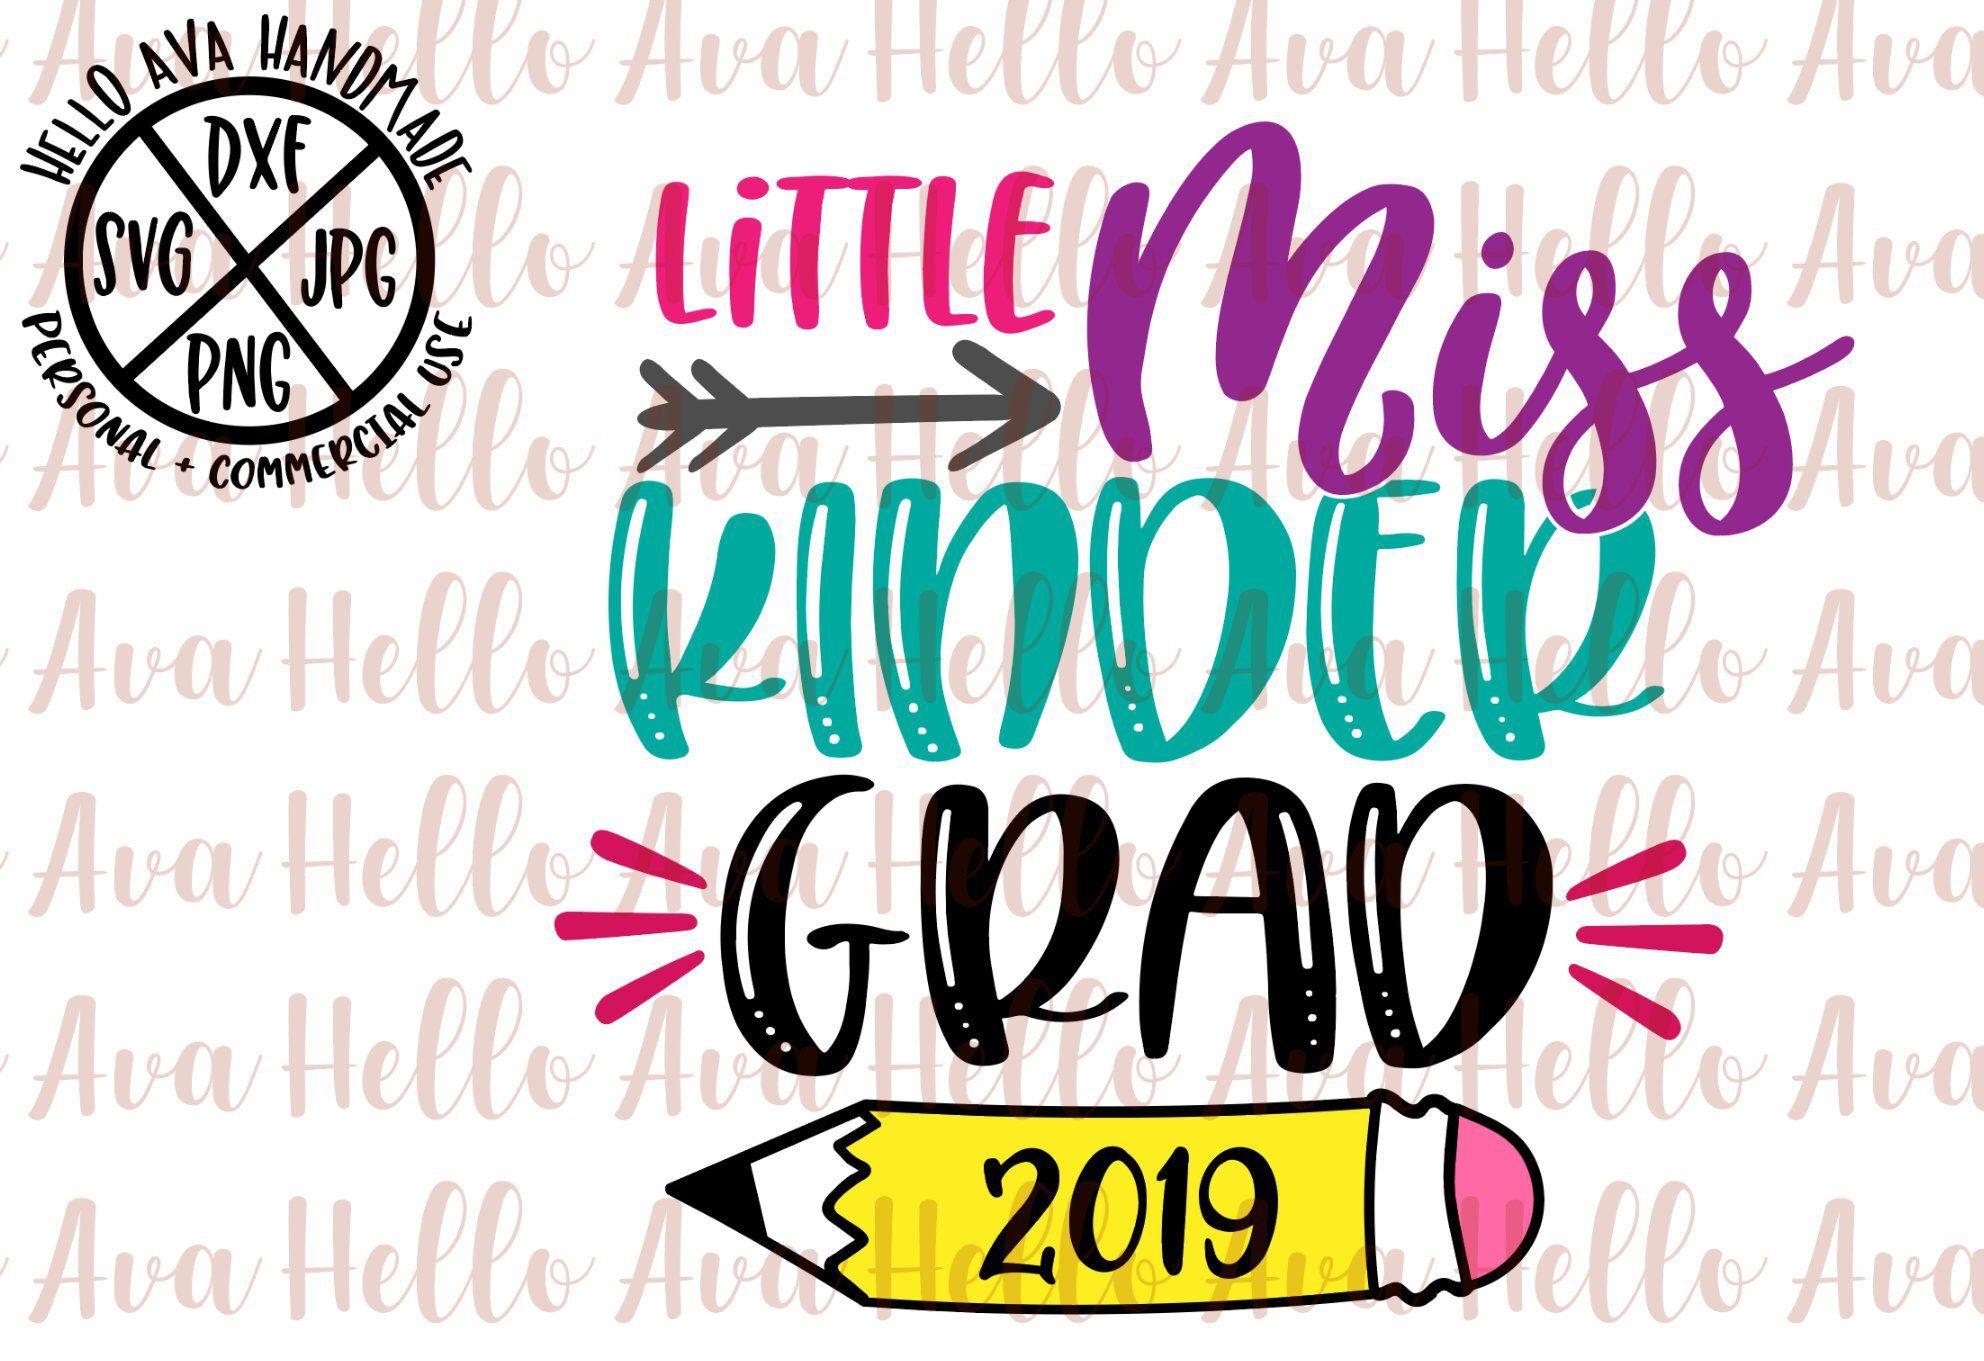 Little Miss Kinder Grad 2019 SVG, Cut File, DXF, digital.